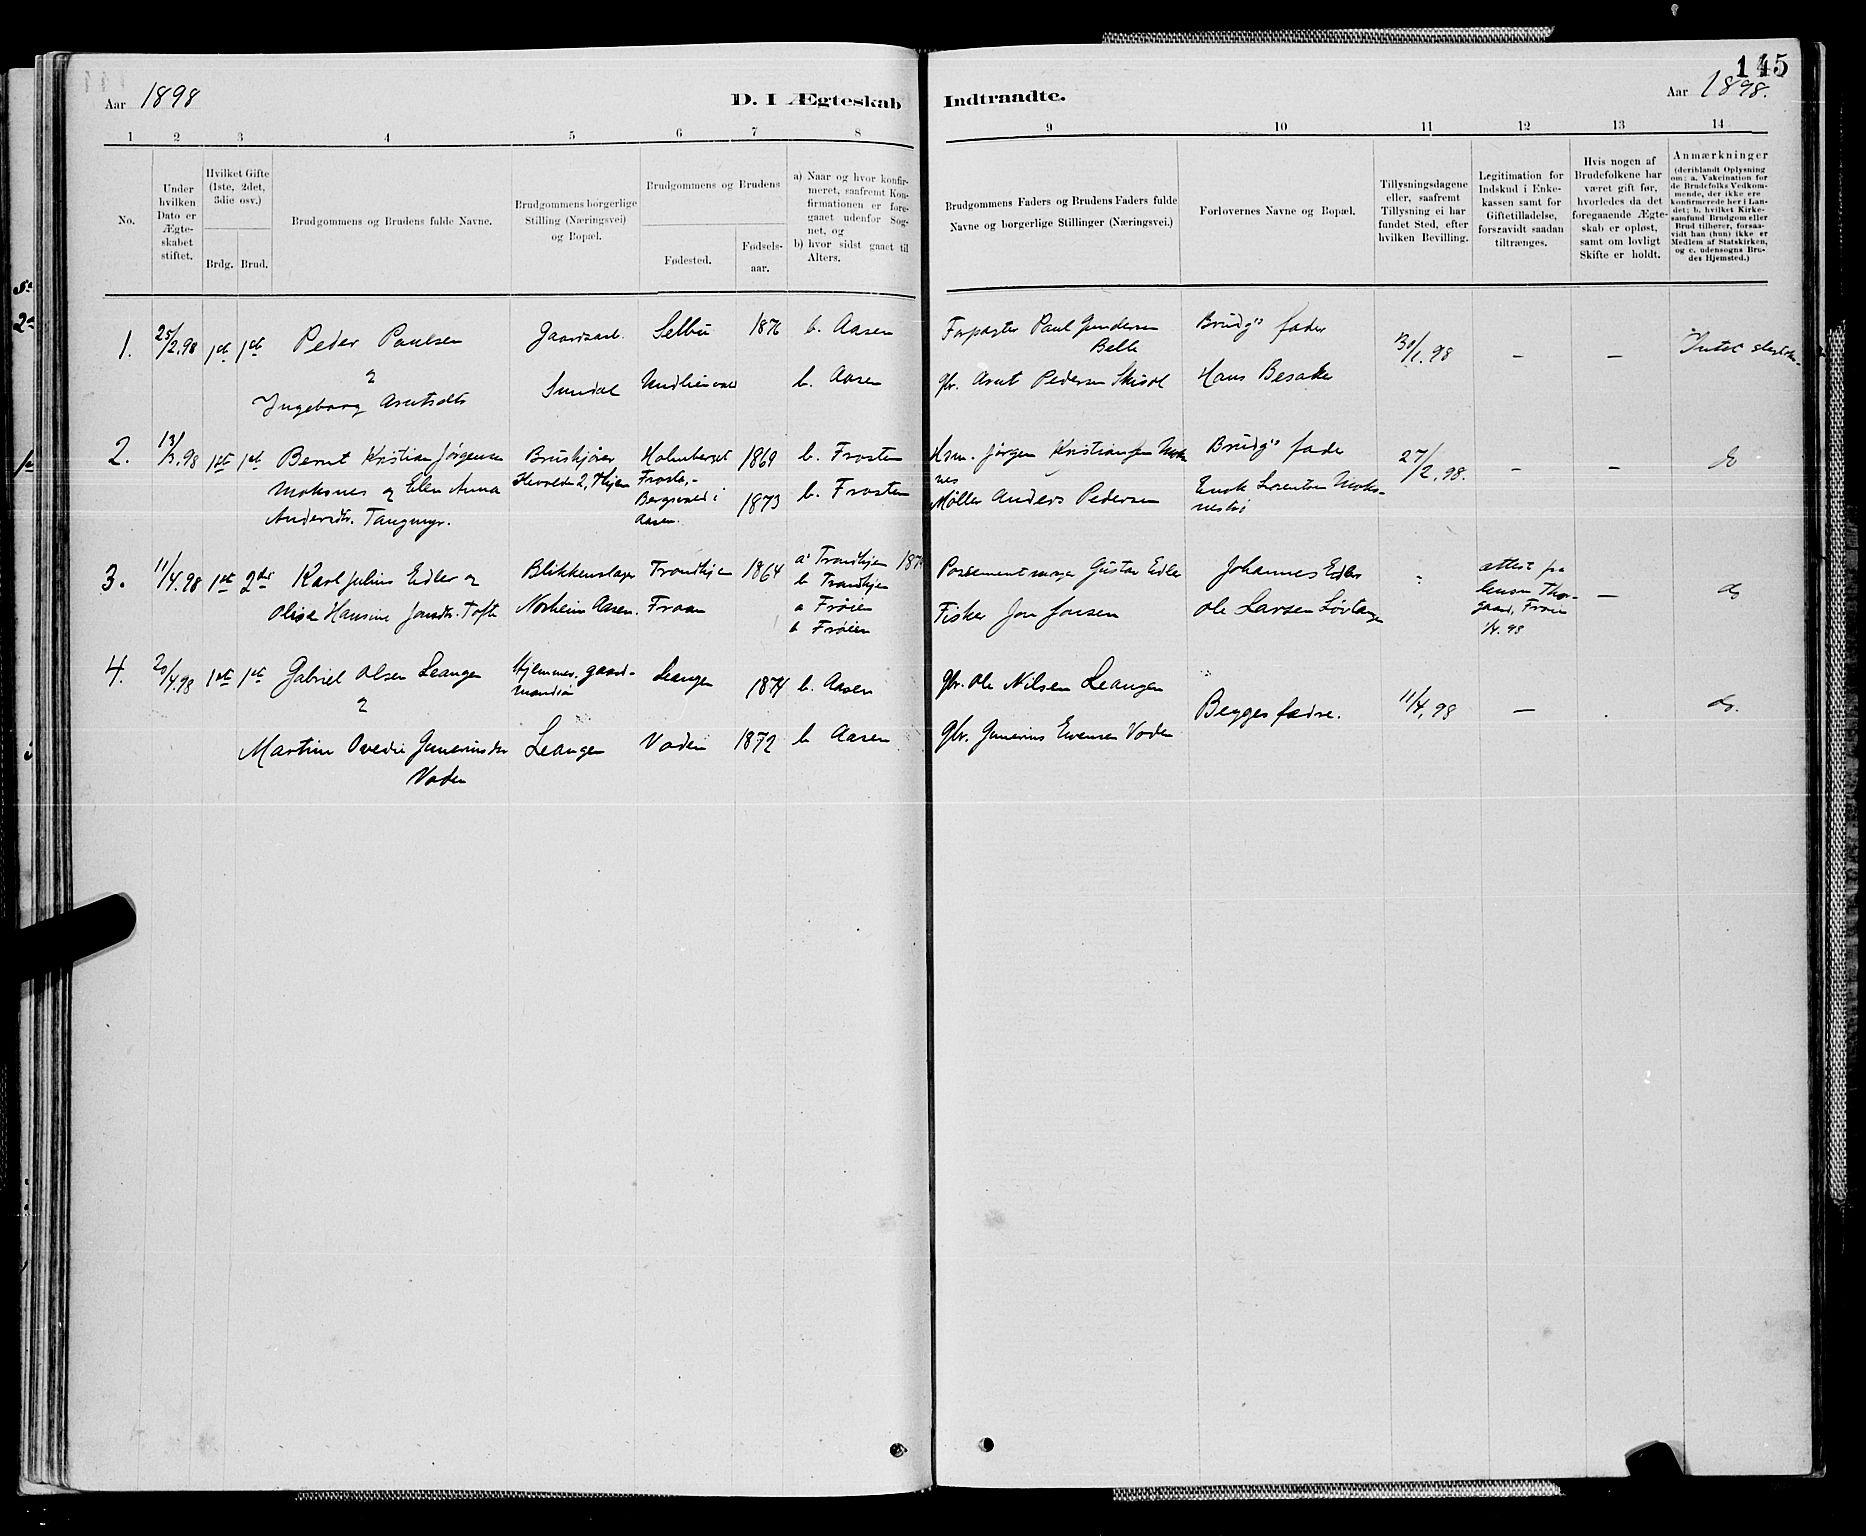 SAT, Ministerialprotokoller, klokkerbøker og fødselsregistre - Nord-Trøndelag, 714/L0134: Klokkerbok nr. 714C03, 1878-1898, s. 145